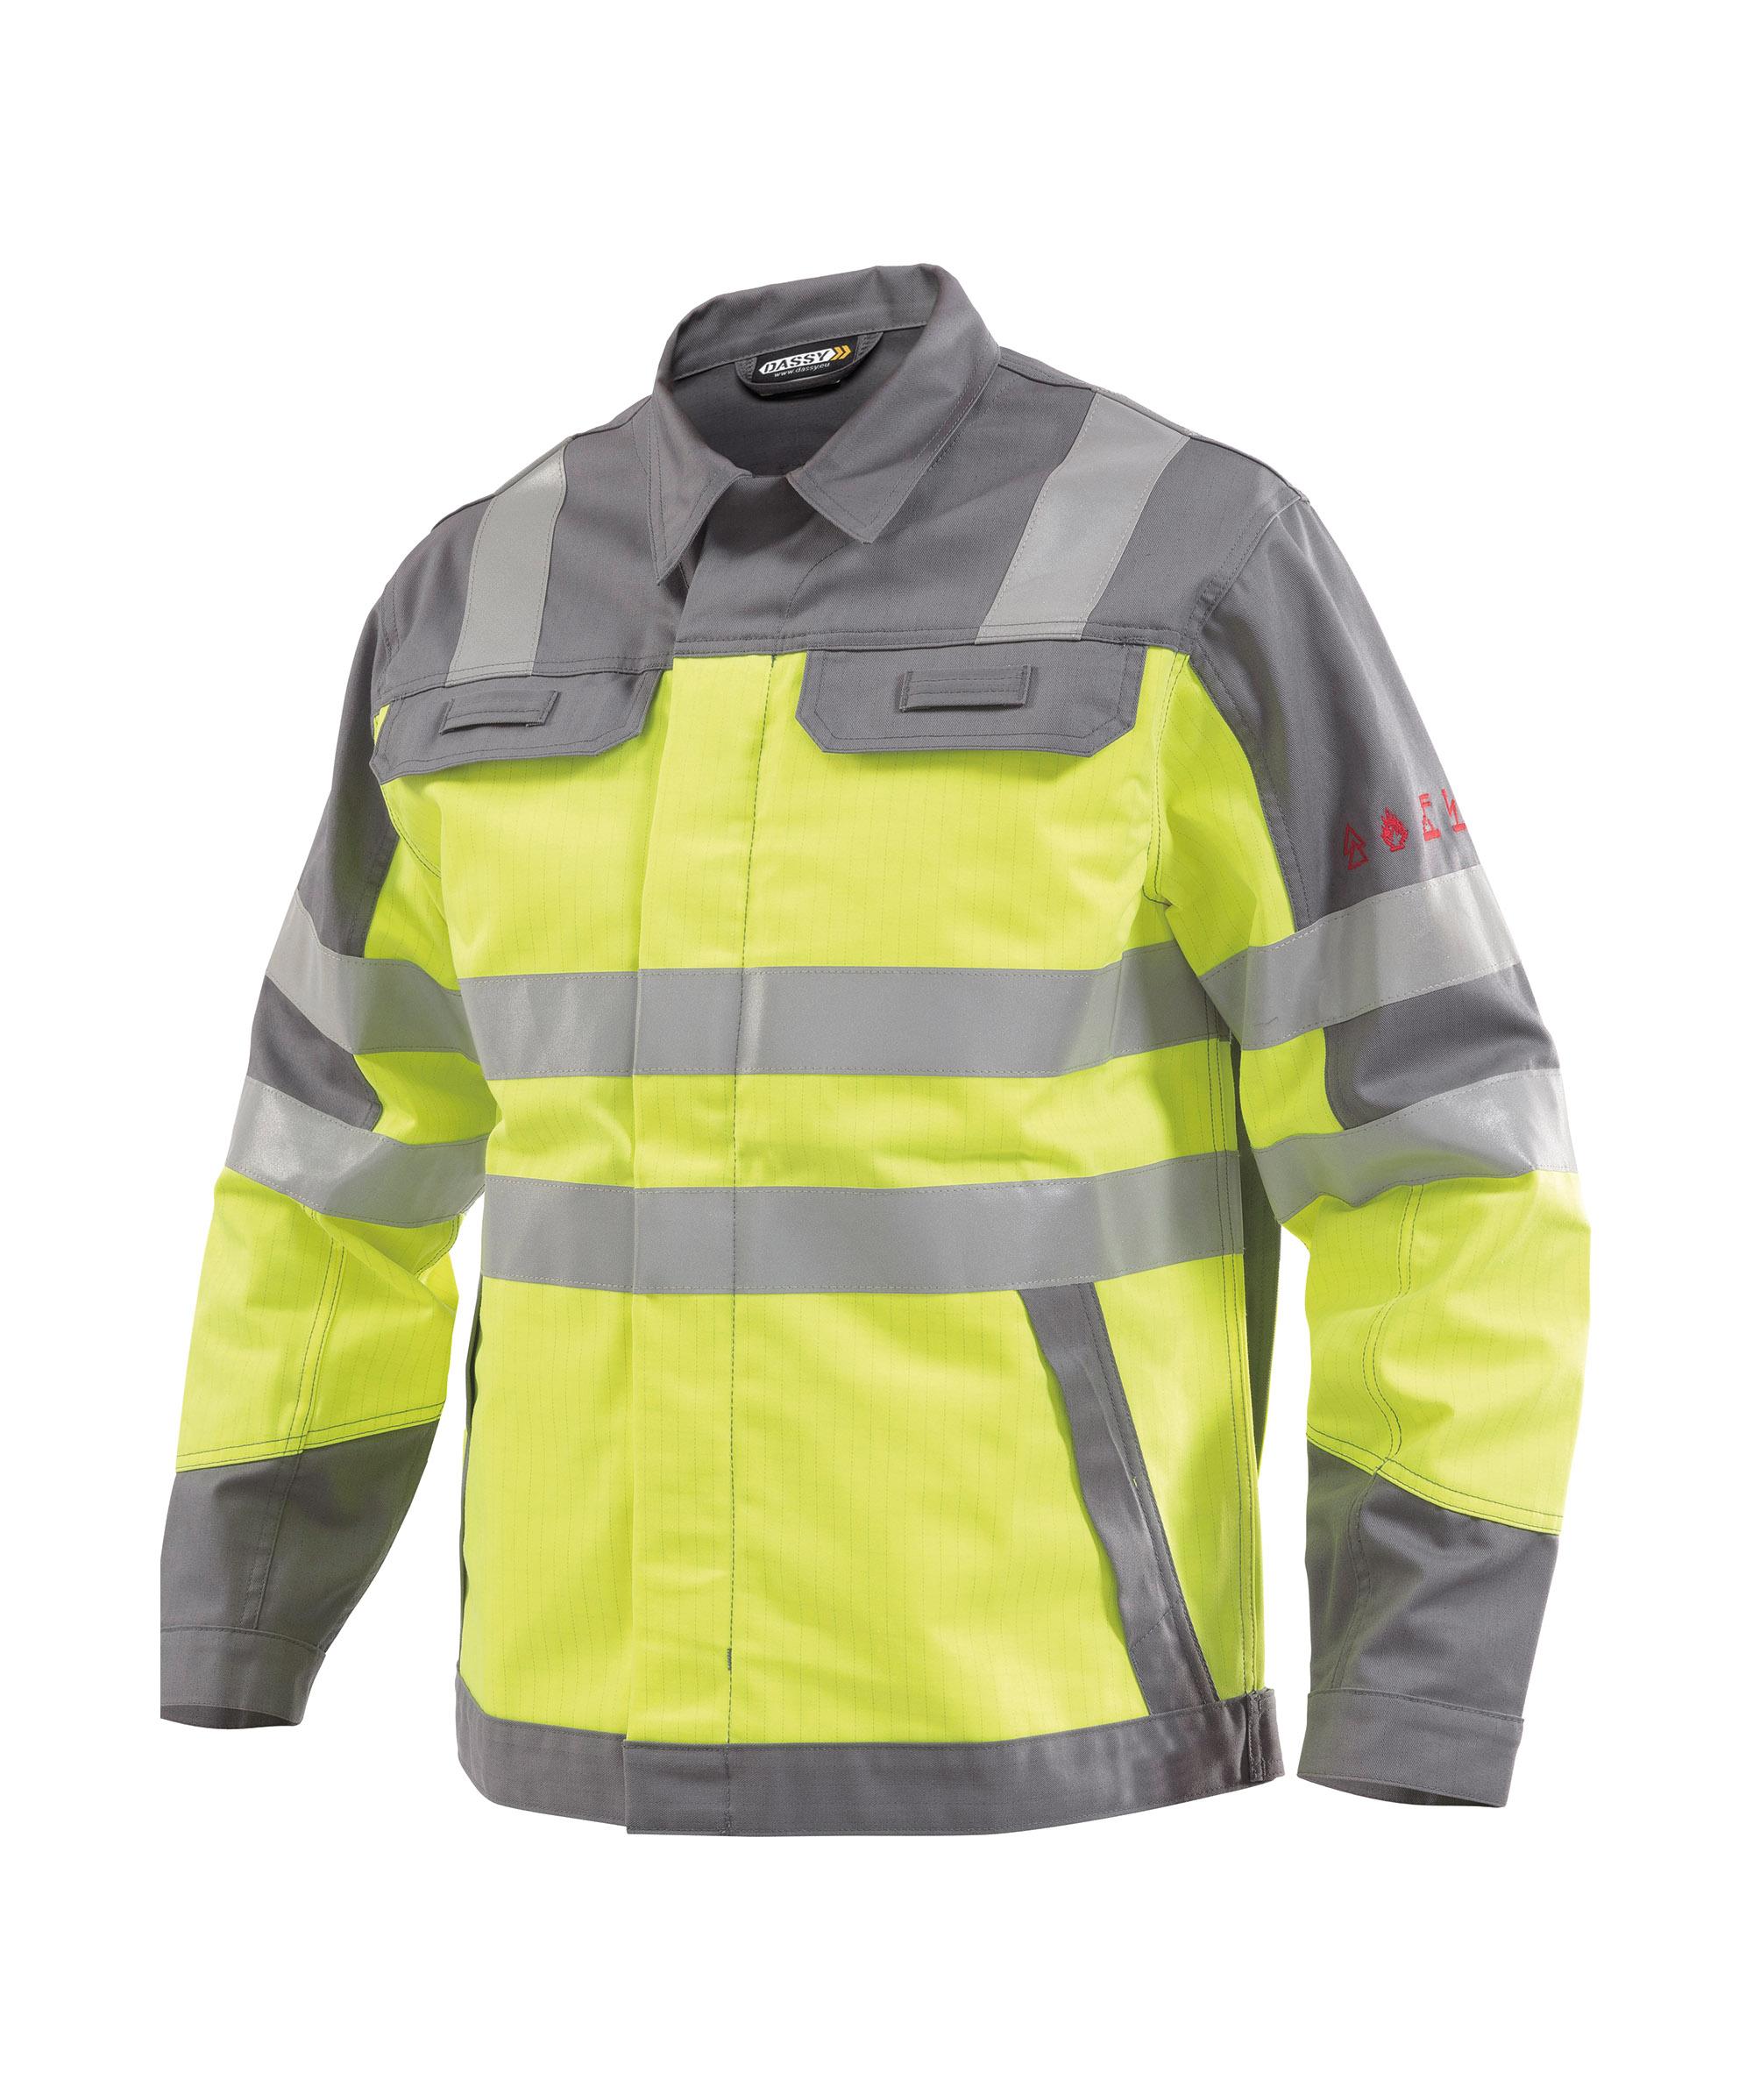 Dassy, Franklin zweifarbige Multinorm Warnschutz Arbeitsjacke 300374